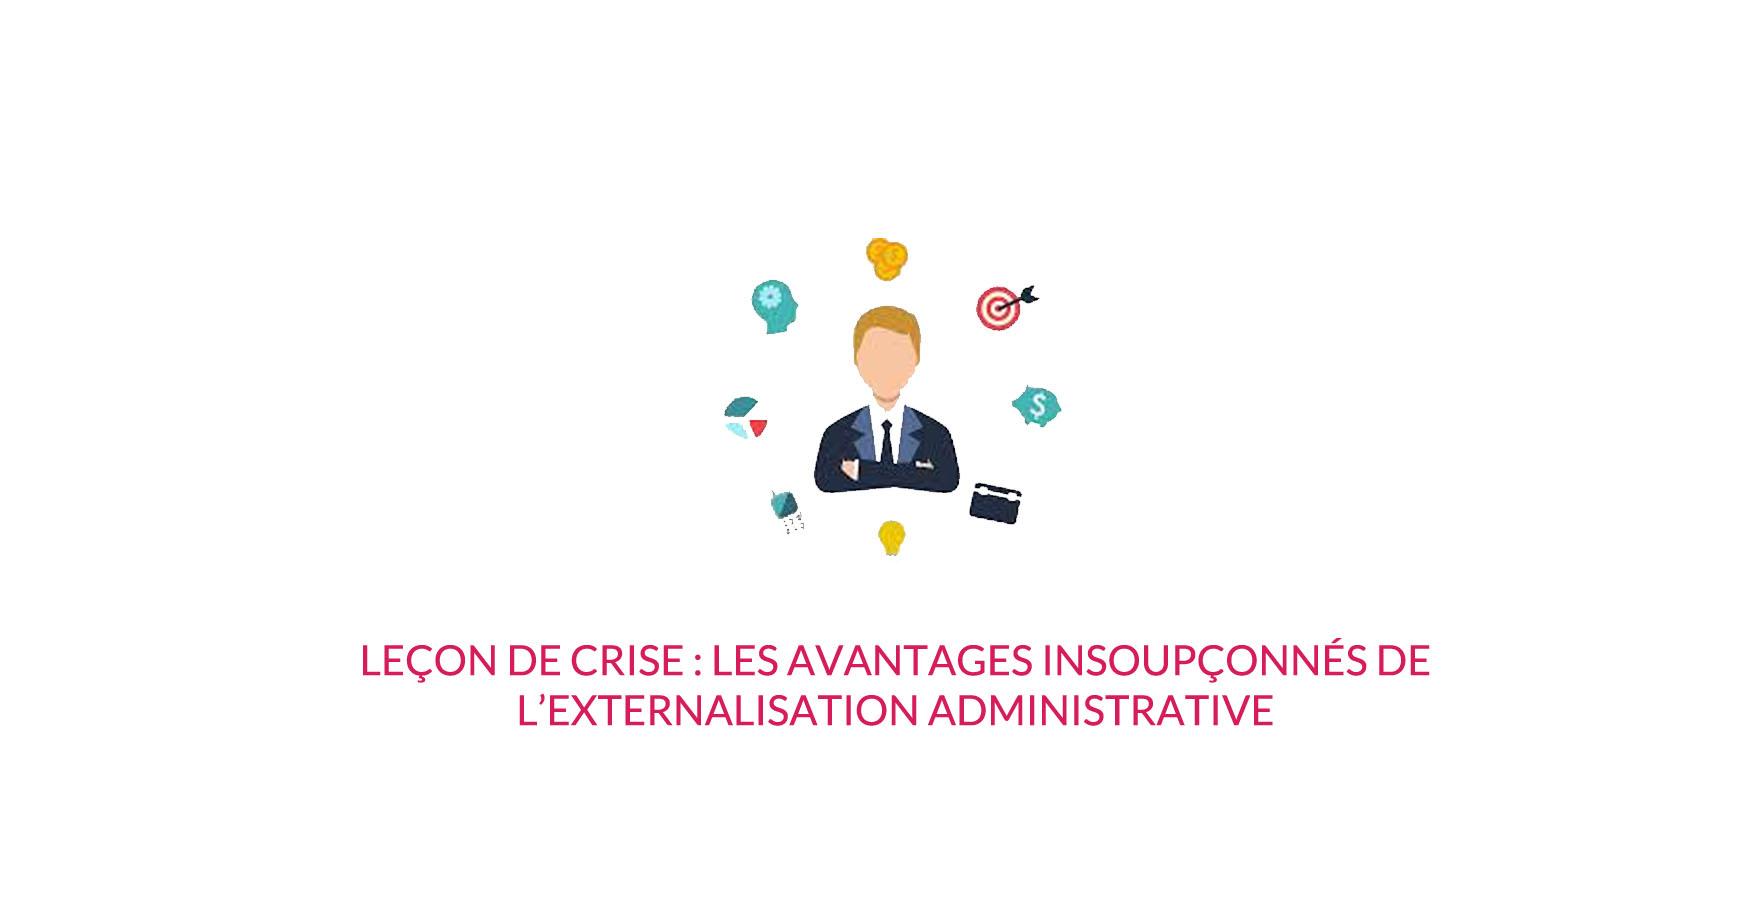 Leçon de crise: les avantages insoupçonnés de l'externalisation administrative